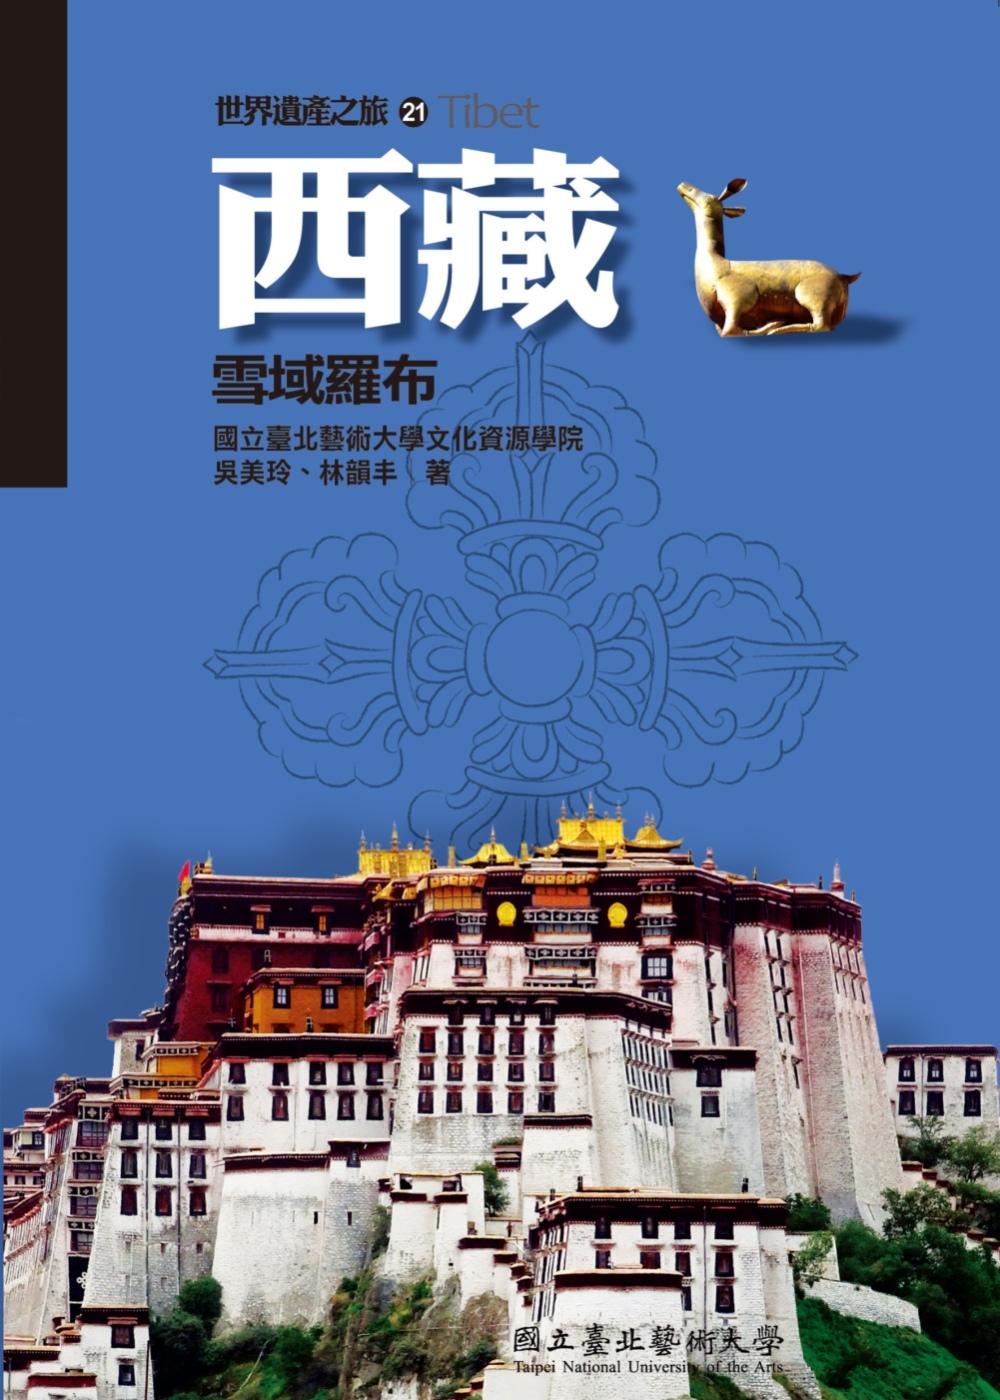 【世界遺產之旅 21】西藏:雪域羅布